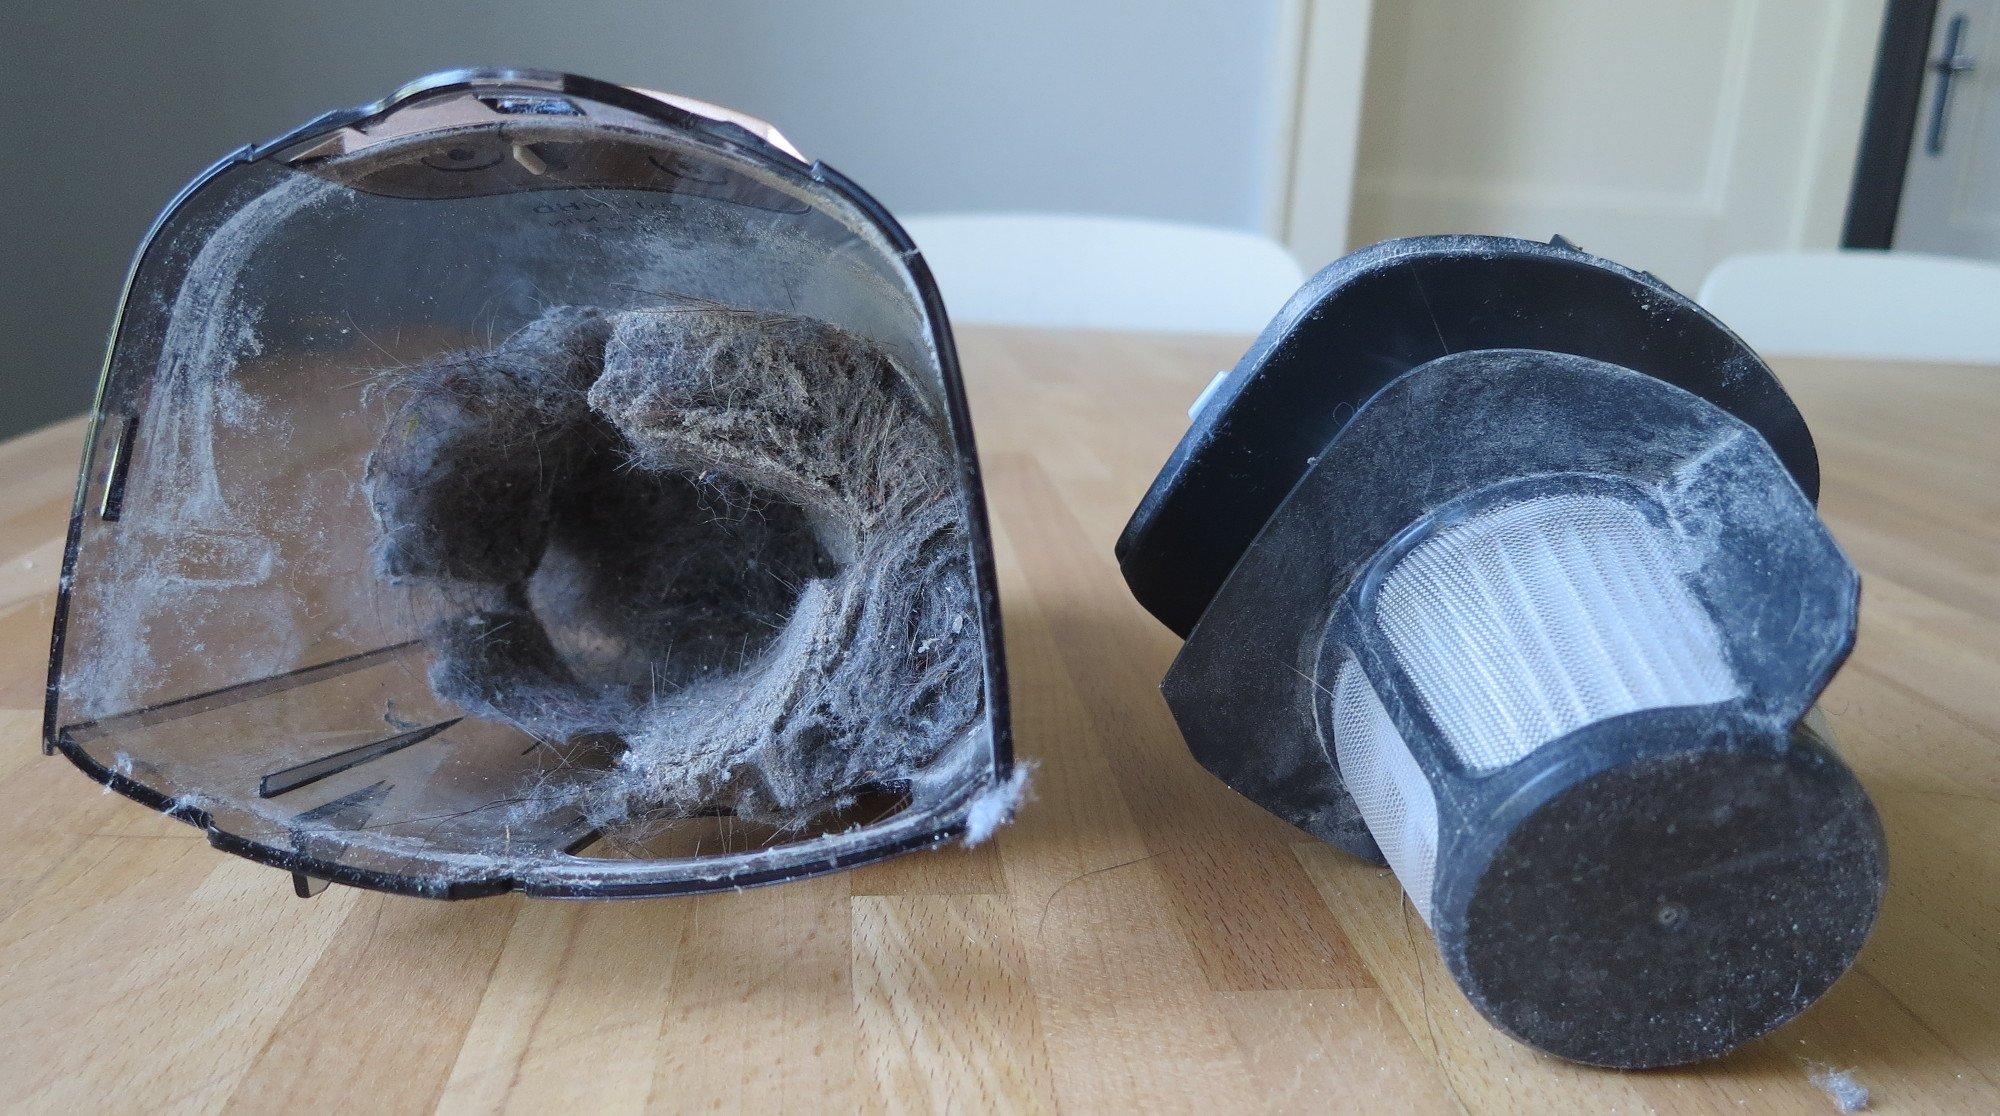 Dank zweier Katzen war der Staubbehälter des AEG CX7-2 in einer Viertelstunde fast voll (Bild: Peter Giesecke)